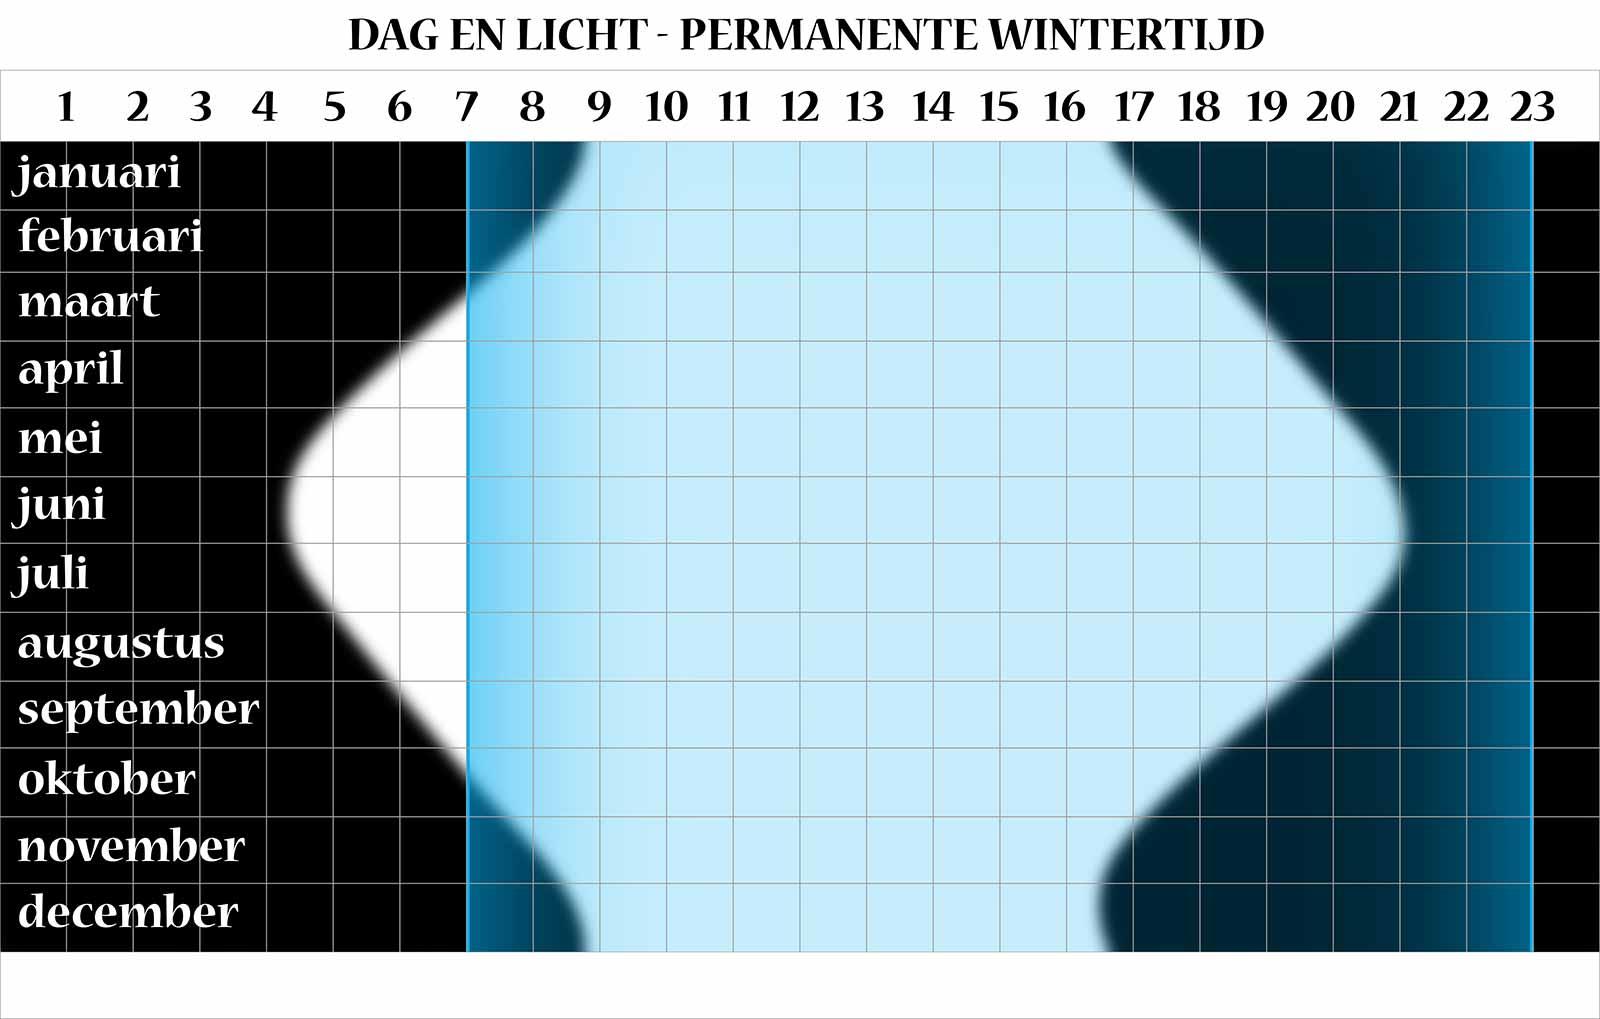 Grafische vergelijking tussen enerzijds licht en donker en anderzijds de uren dat de gemiddelde Nederlander wakker is, bij het hanteren van permanente wintertijd